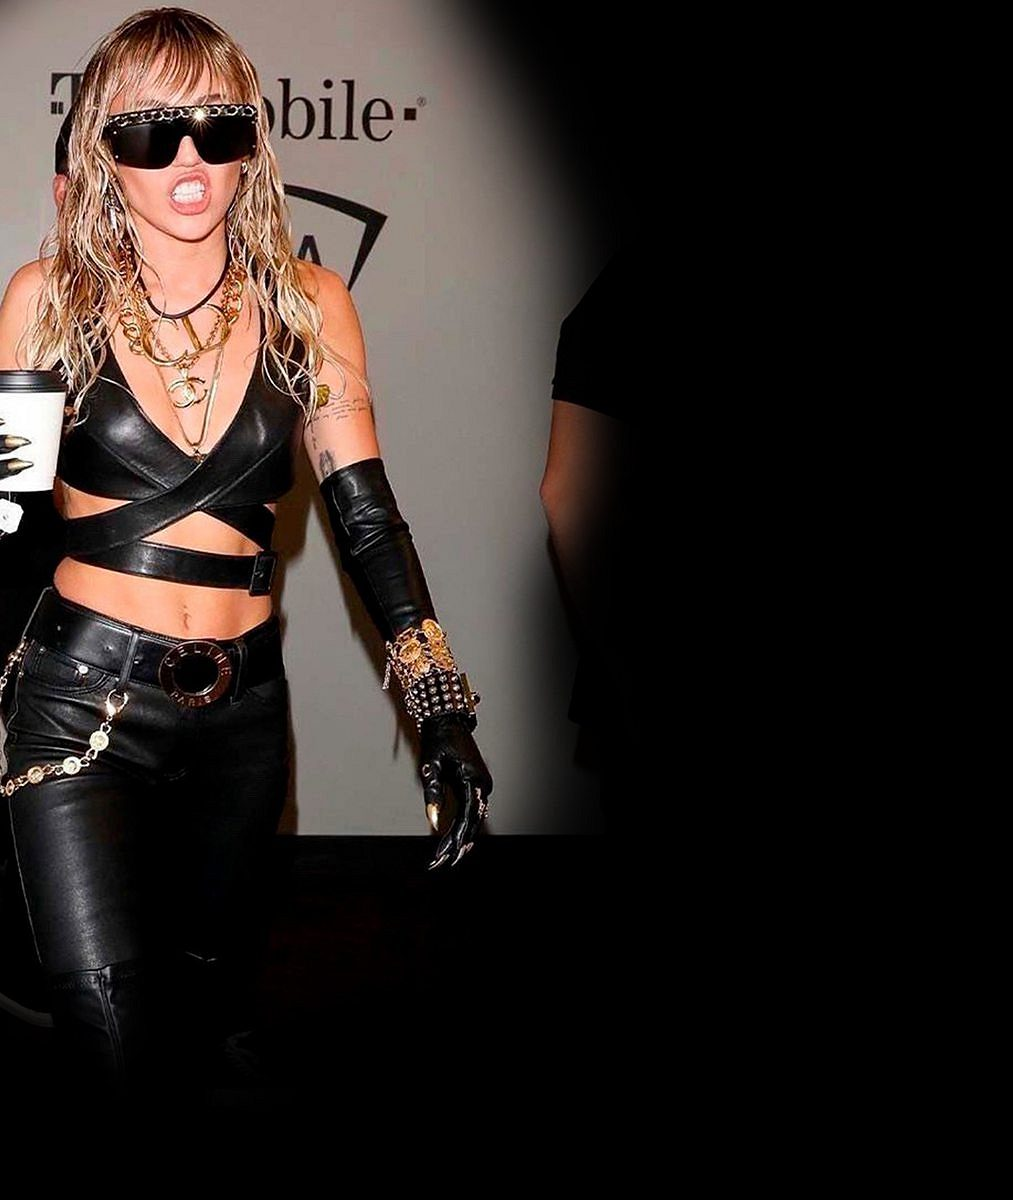 Takhle pracuje na své postavě, okteré si fanoušci myslí, že je moc vychrtlá: Miley Cyrus ukázala sílu svého bříška